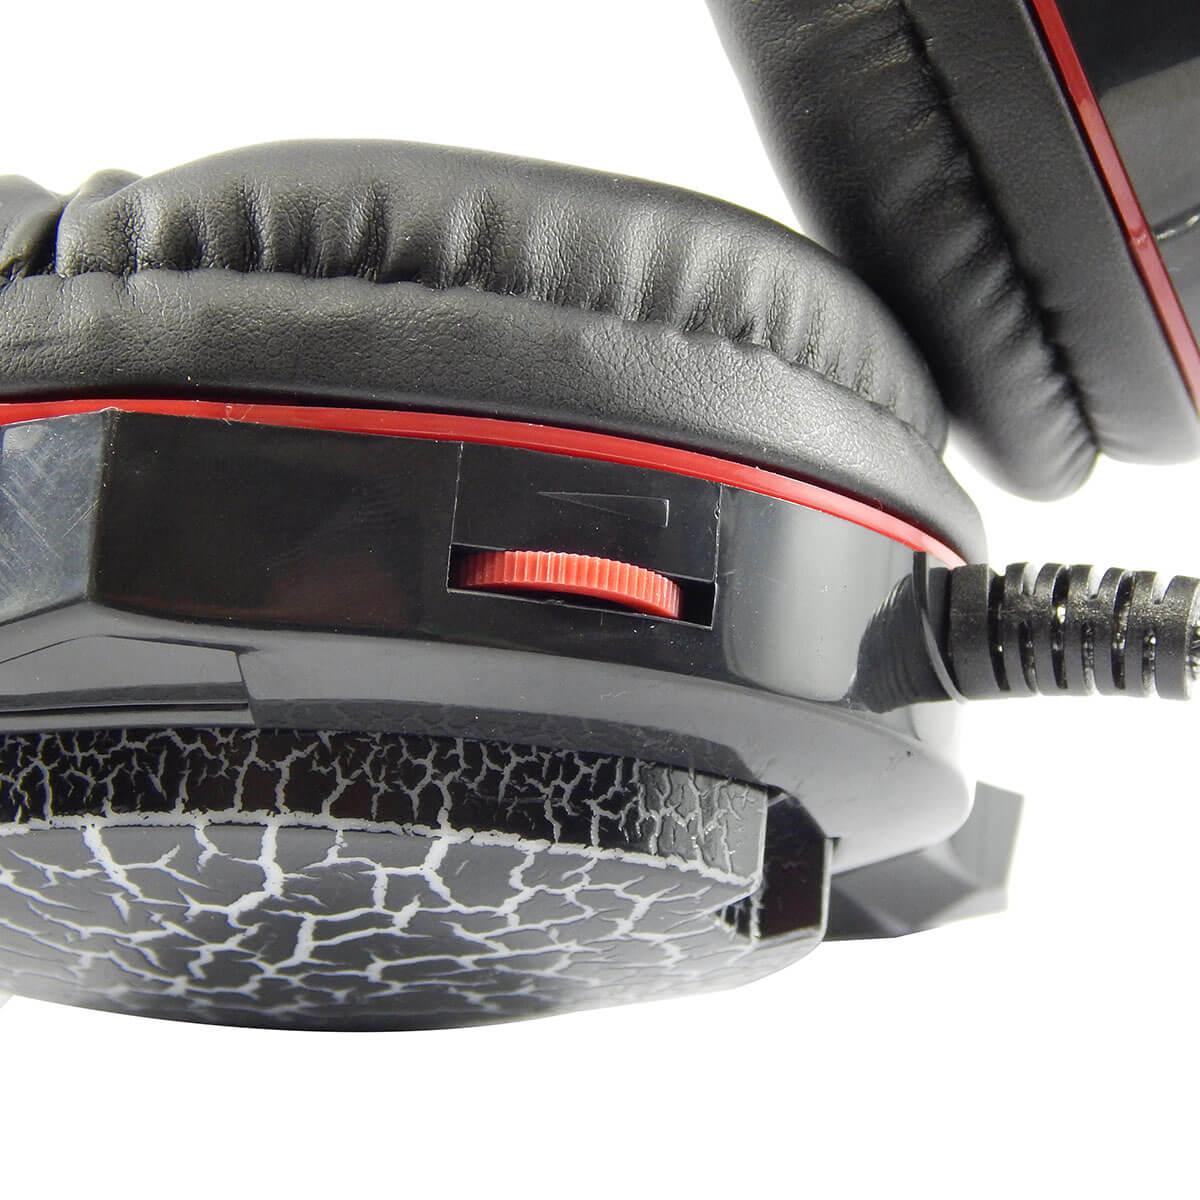 Headset Gamer com Microfone e Led Colorido Exbom GH-X10 com Adaptador P3 x P2